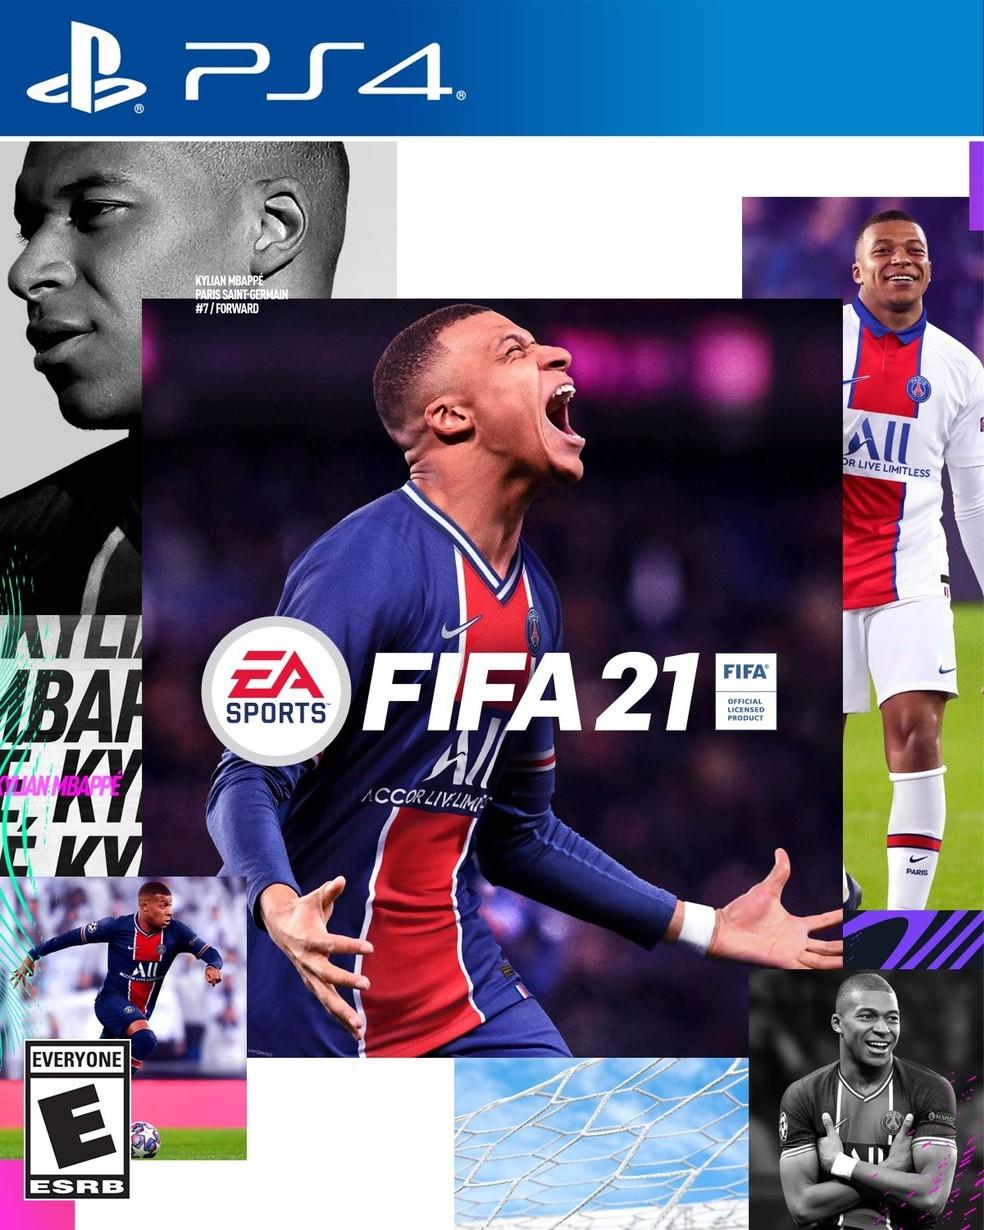 'FIFA 21' anuncia Mbappé na capa e jogador comemora: 'Não vejo a hora de jogar isso'